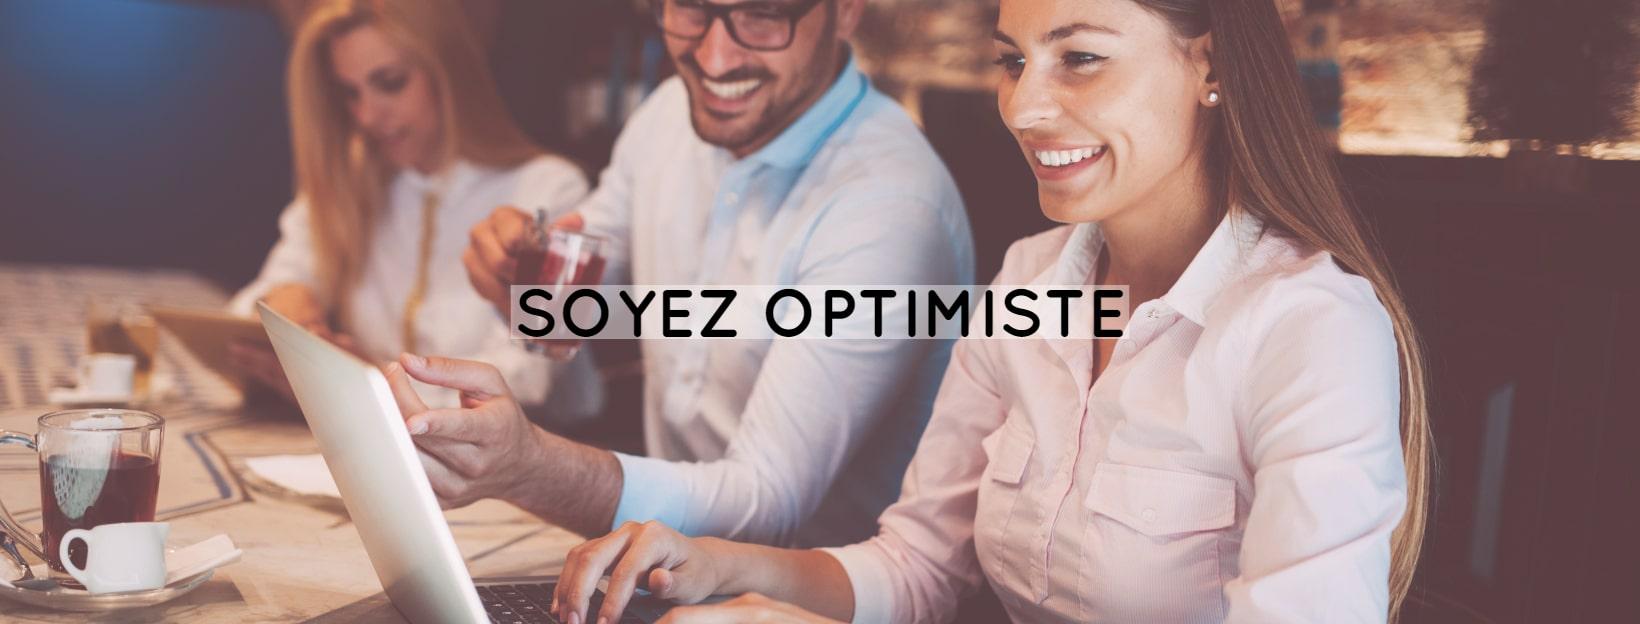 soyez optimiste